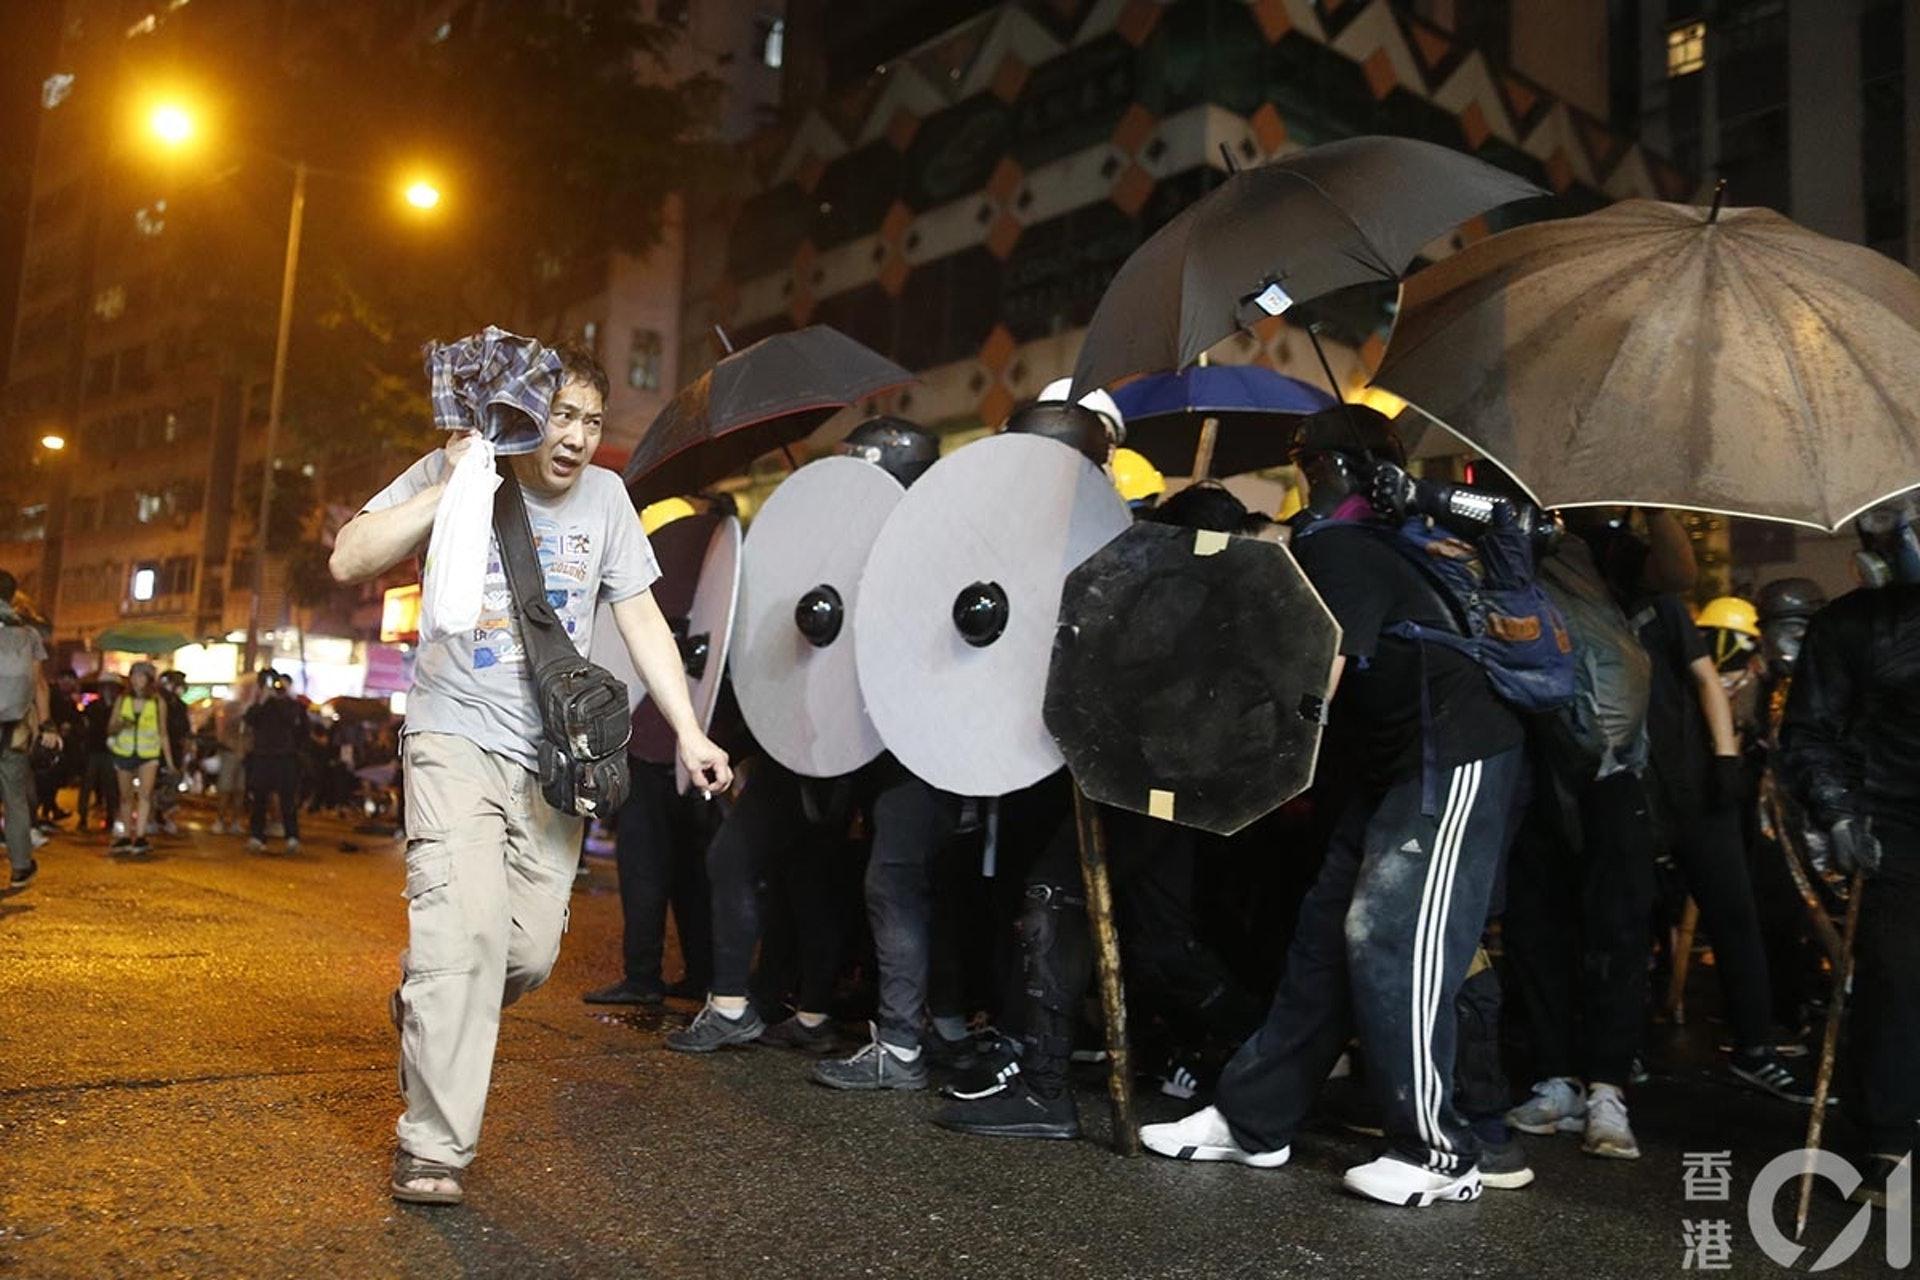 831遊行示威衝突,晚上8點多,警方在灣仔與示威者對峙,路過市民驚慌。(梁鵬威攝)